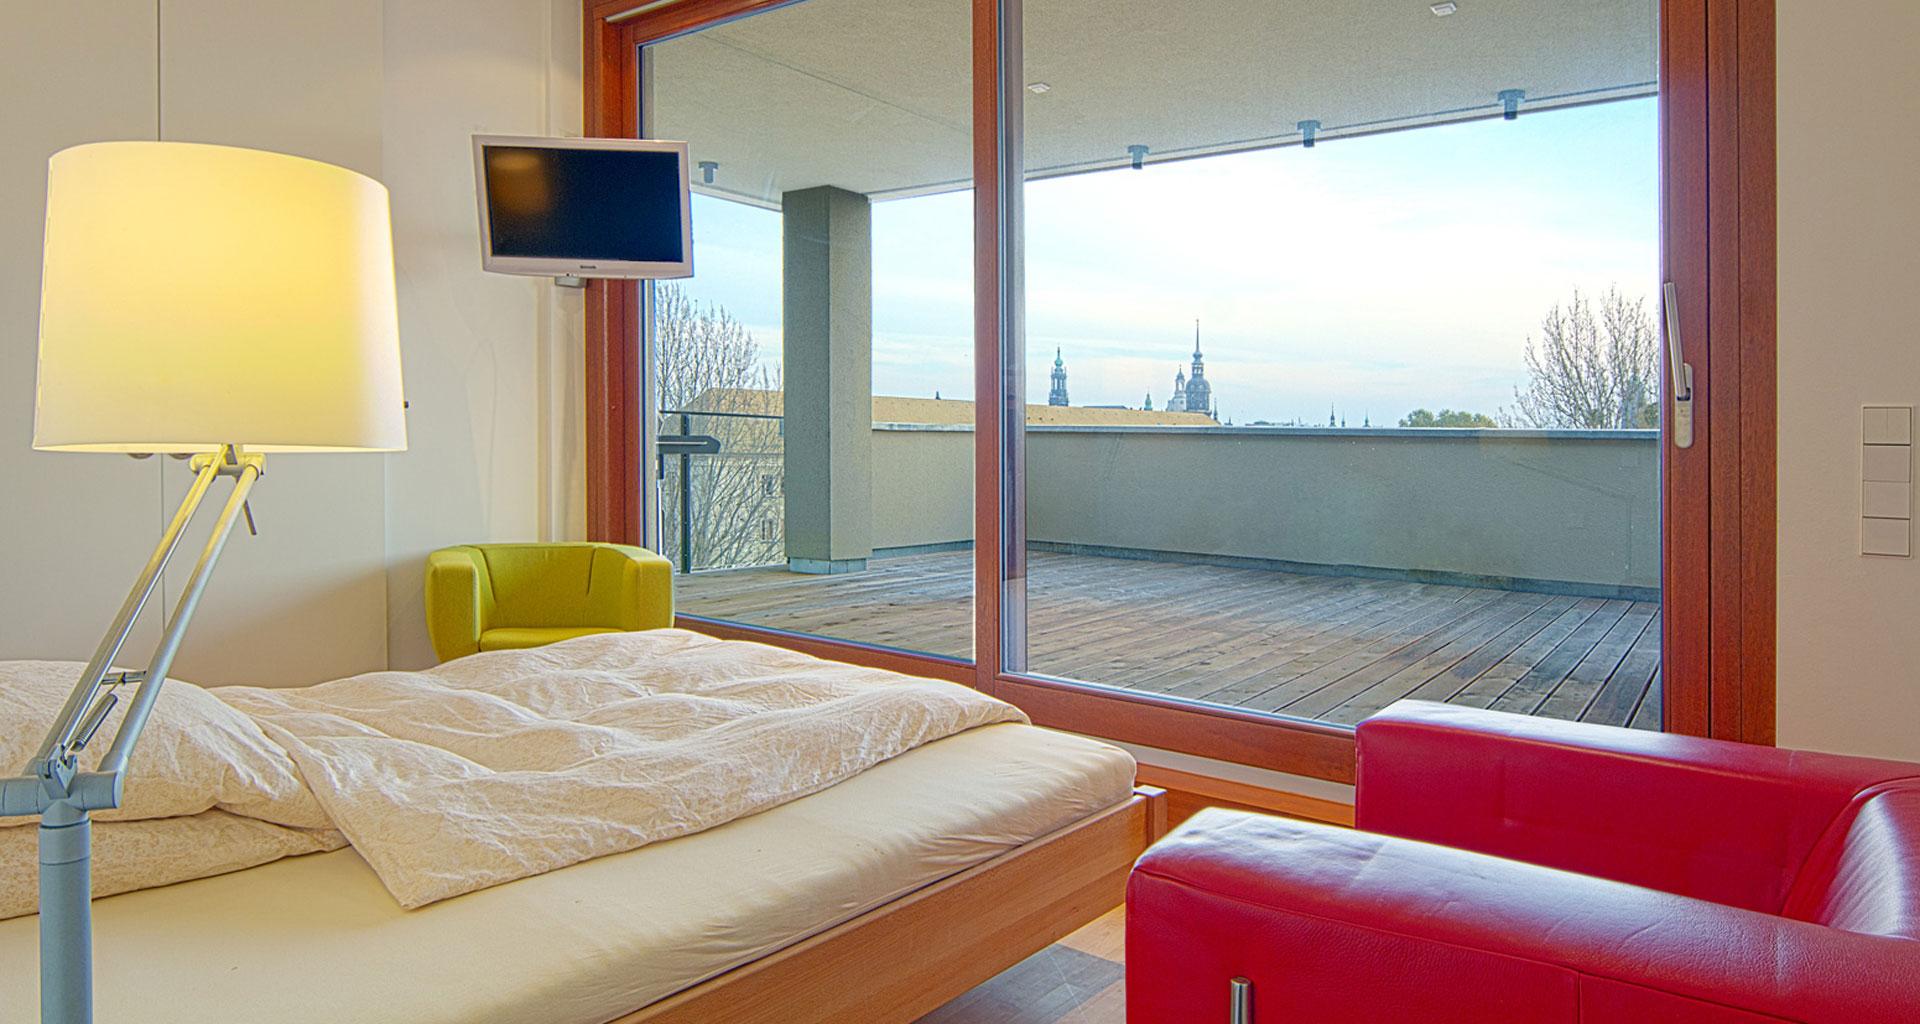 Detailansicht Schlafraum und Terrasse- Columbus Dresden